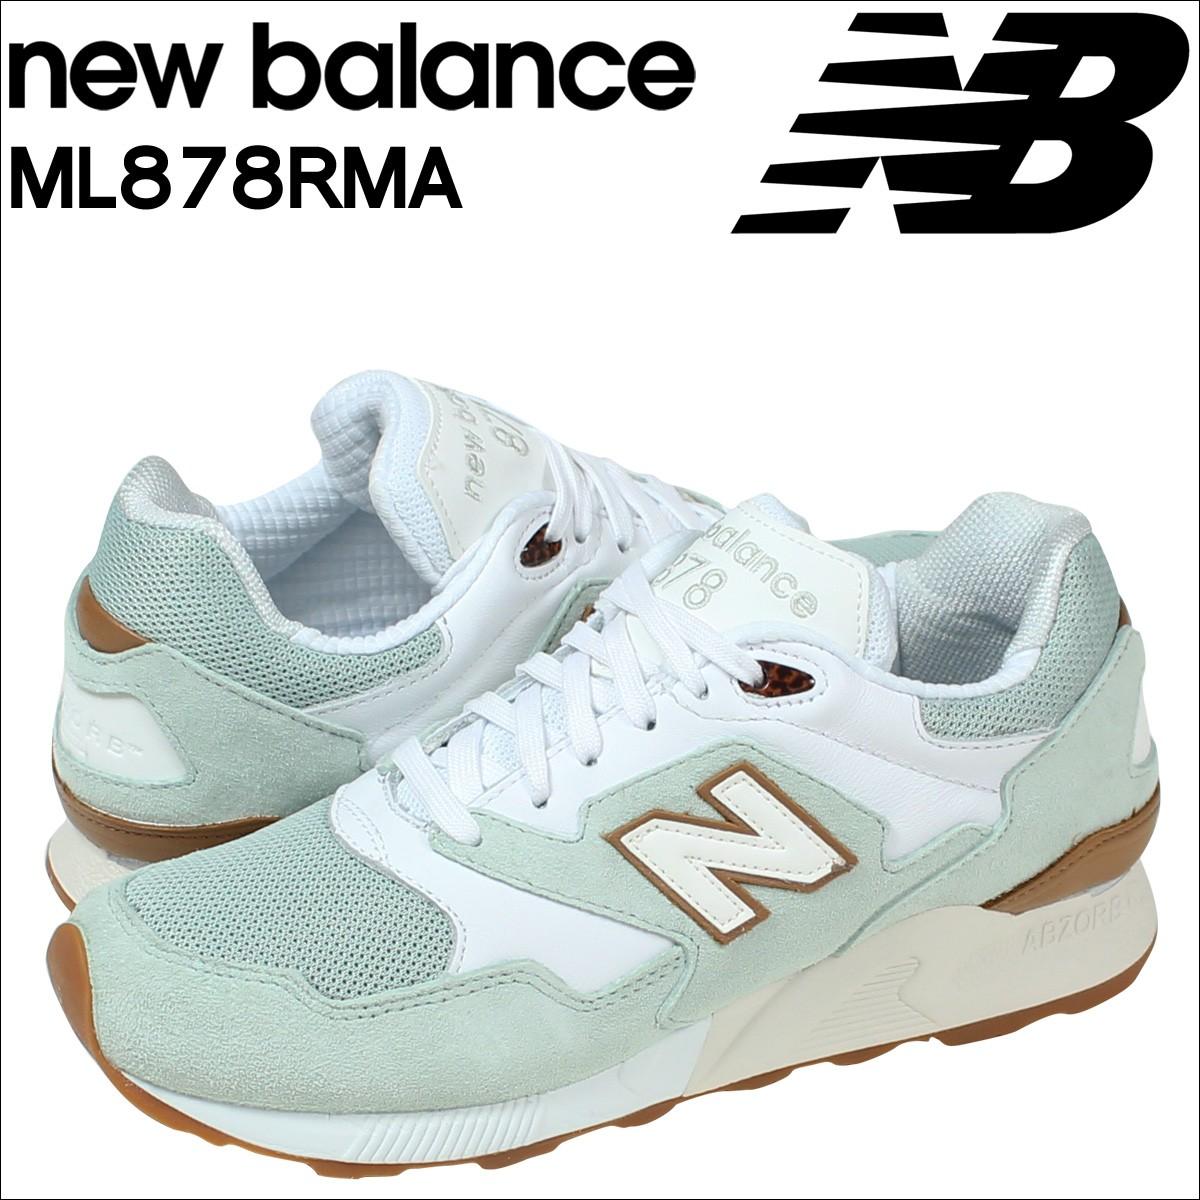 ニューバランス 878 メンズ new balance スニーカー ML878RMA Dワイズ 靴 ホワイト 【CLEARANCE】【返品不可】